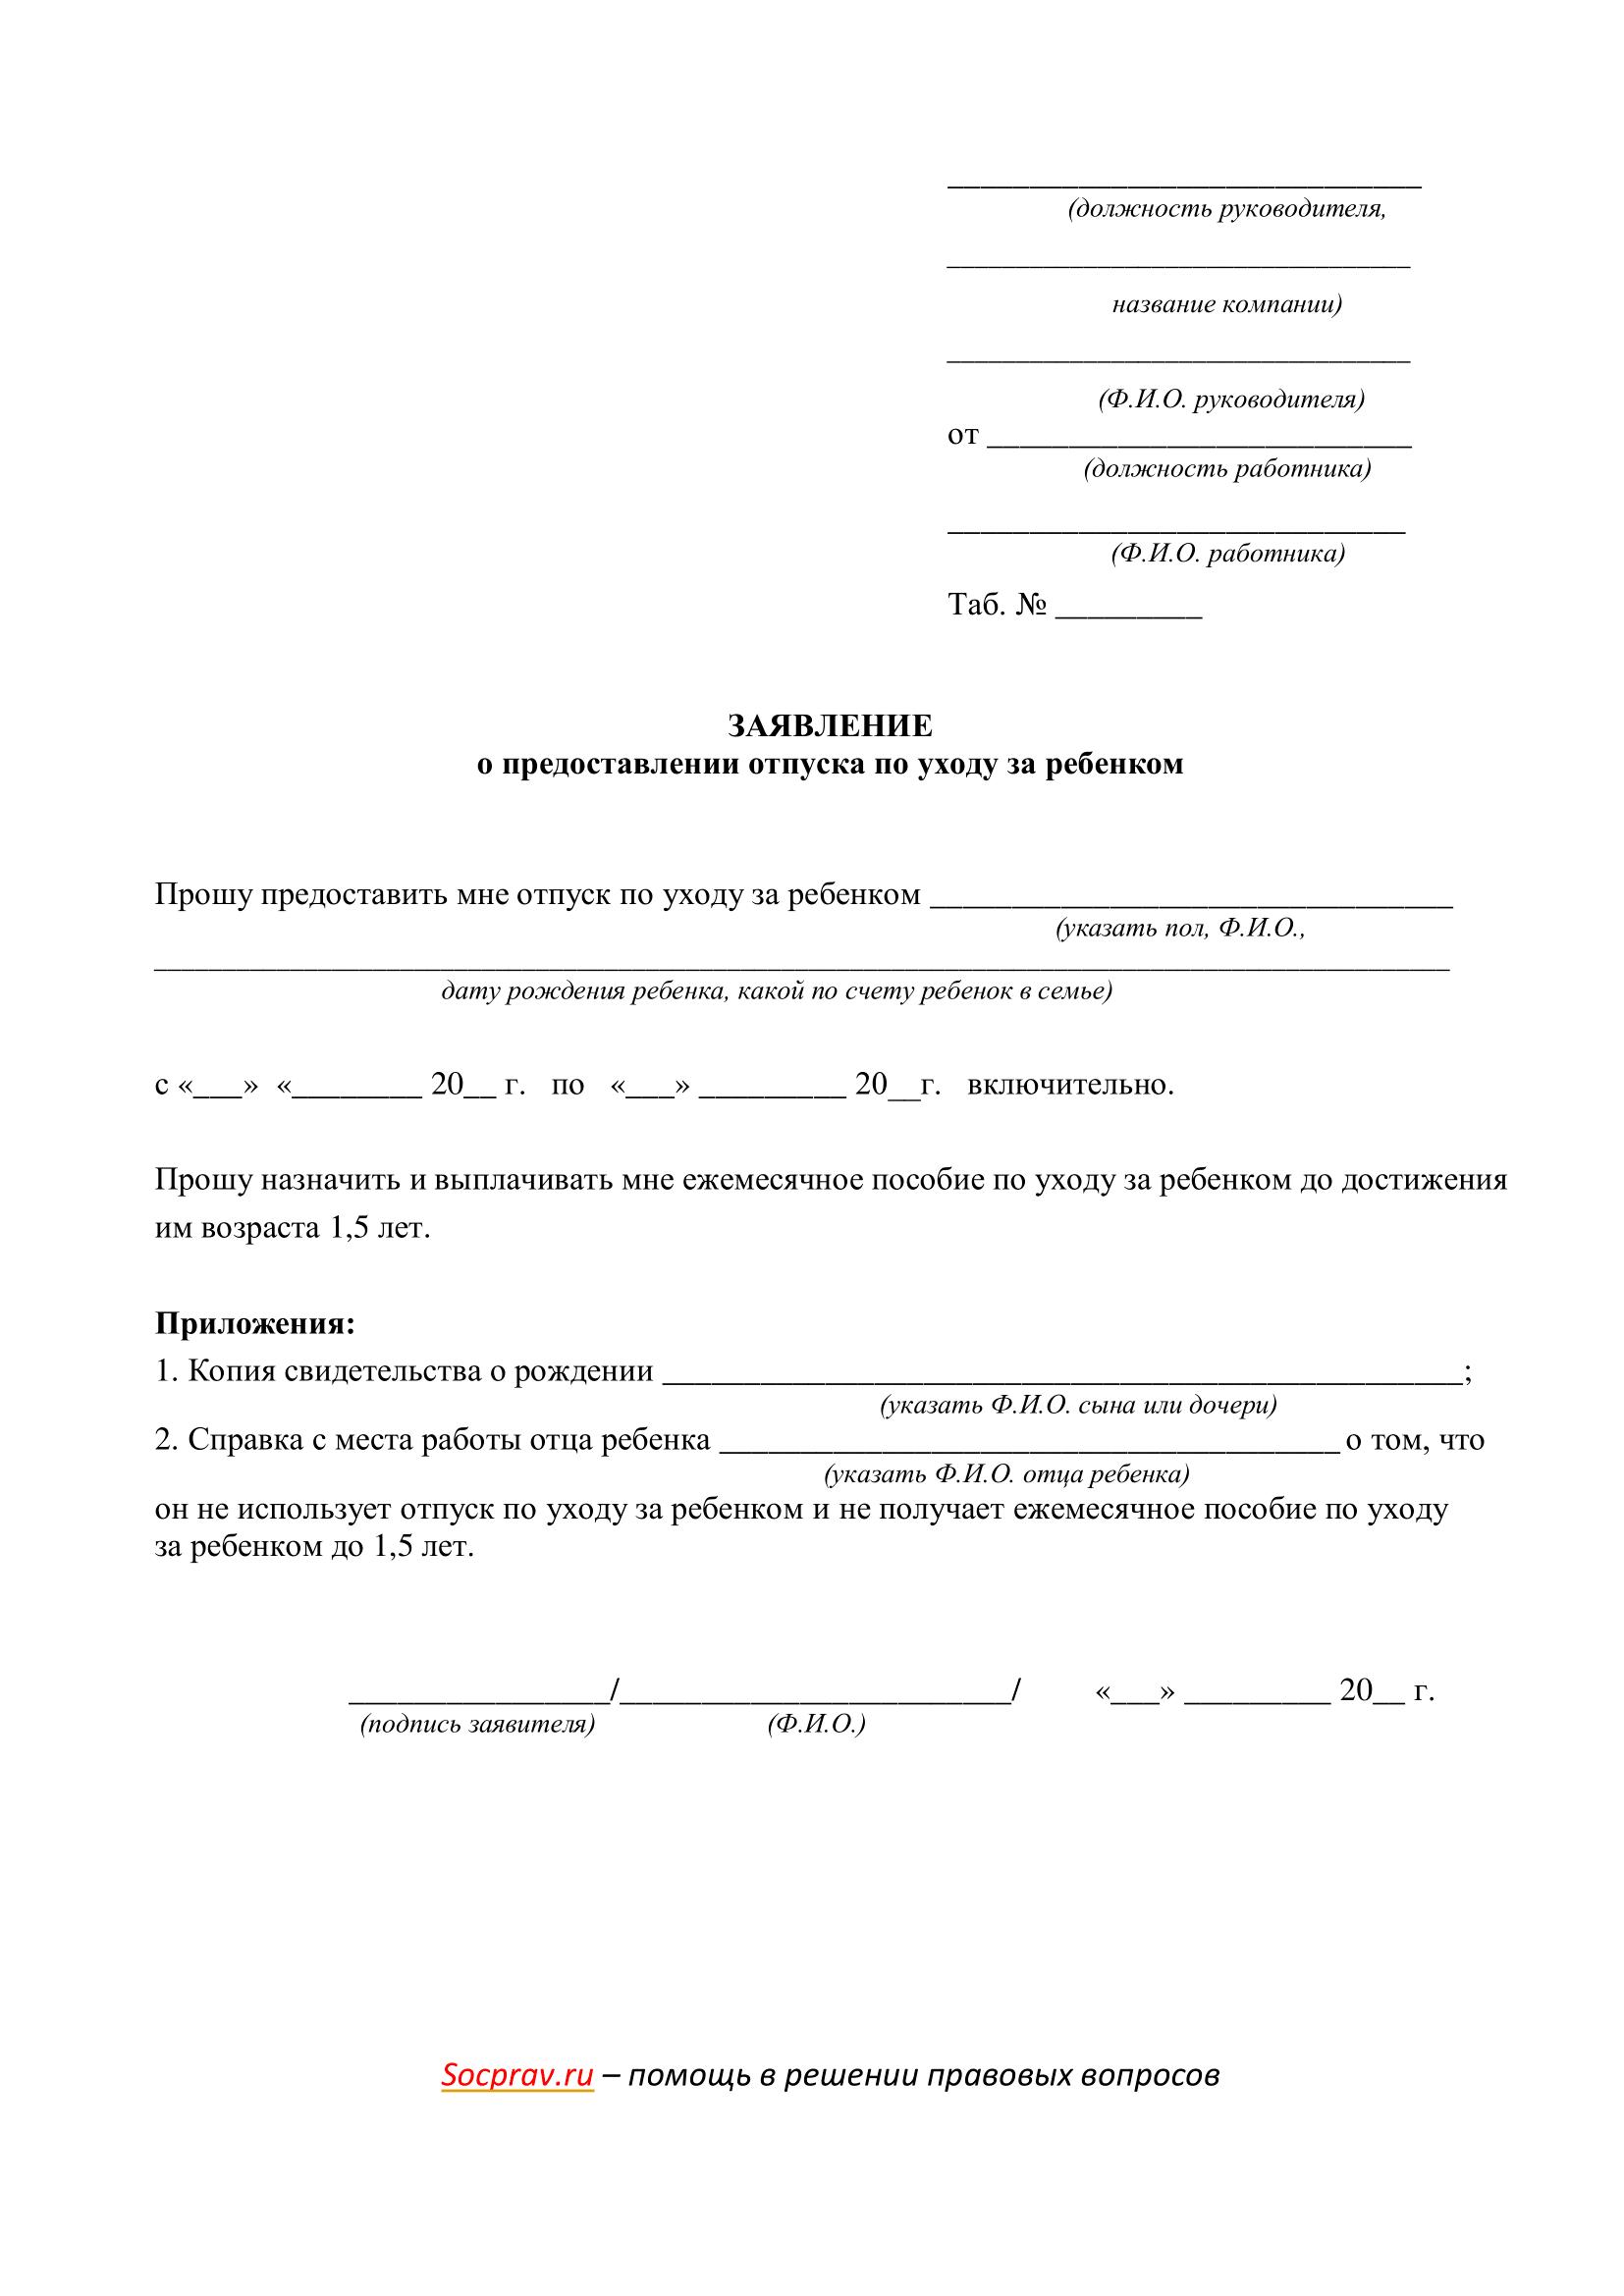 Заявление о предоставлении отпуска по уходу за ребенком